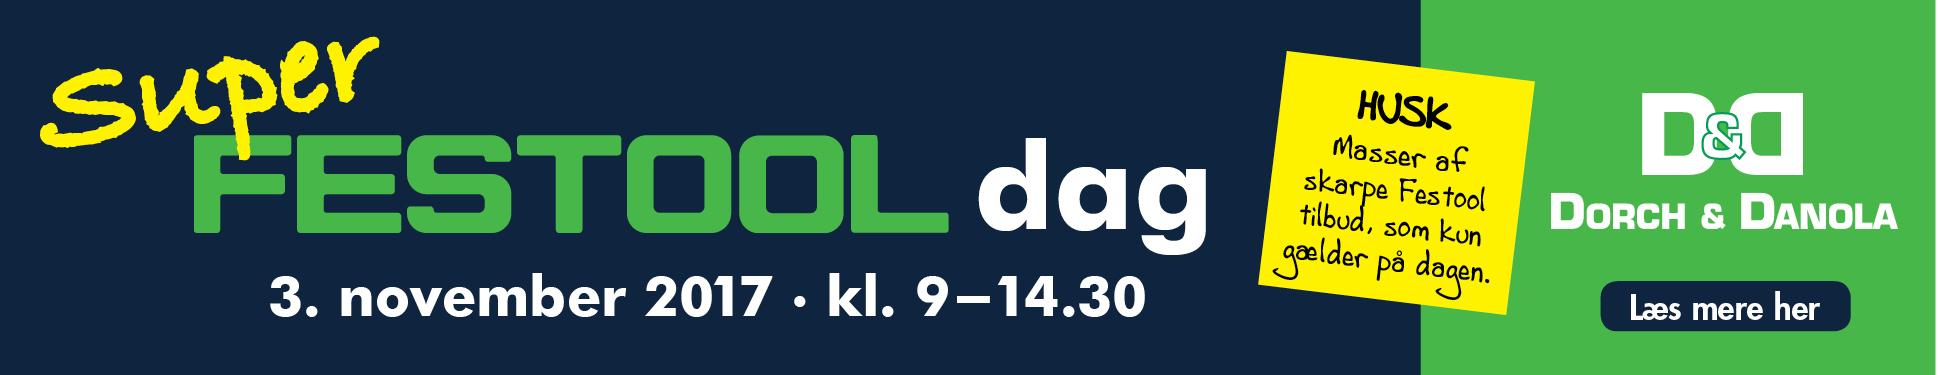 Super Festool dag banner